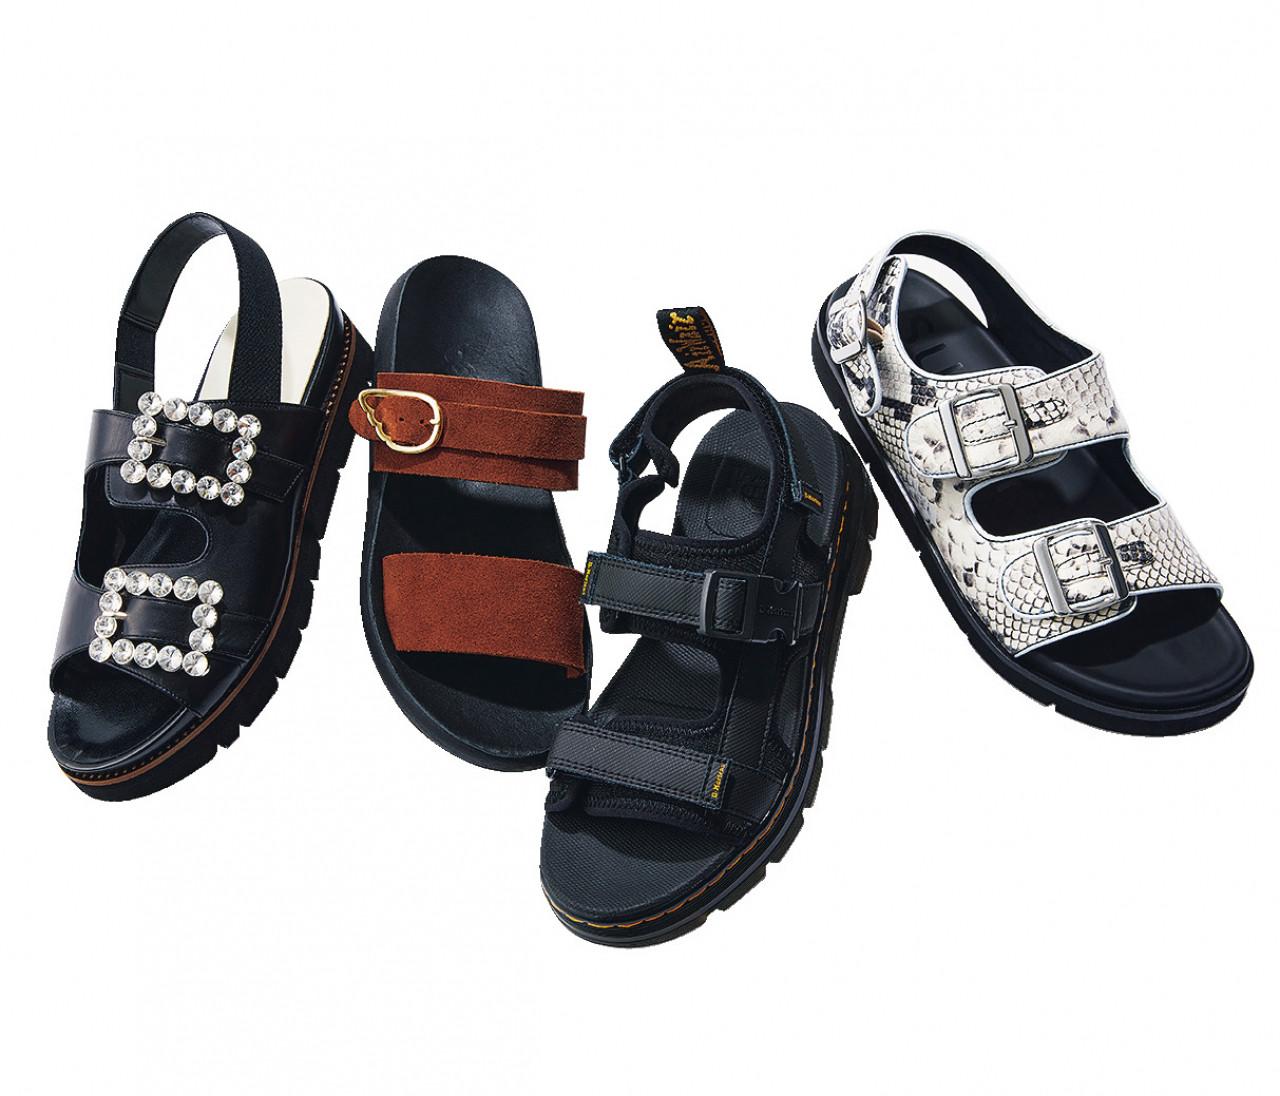 【人気の靴ブランドのスポーツサンダル5選】ピエール アルディ、ペリーコサニー、ダイアナ...大人っぽいデザインが続々登場!